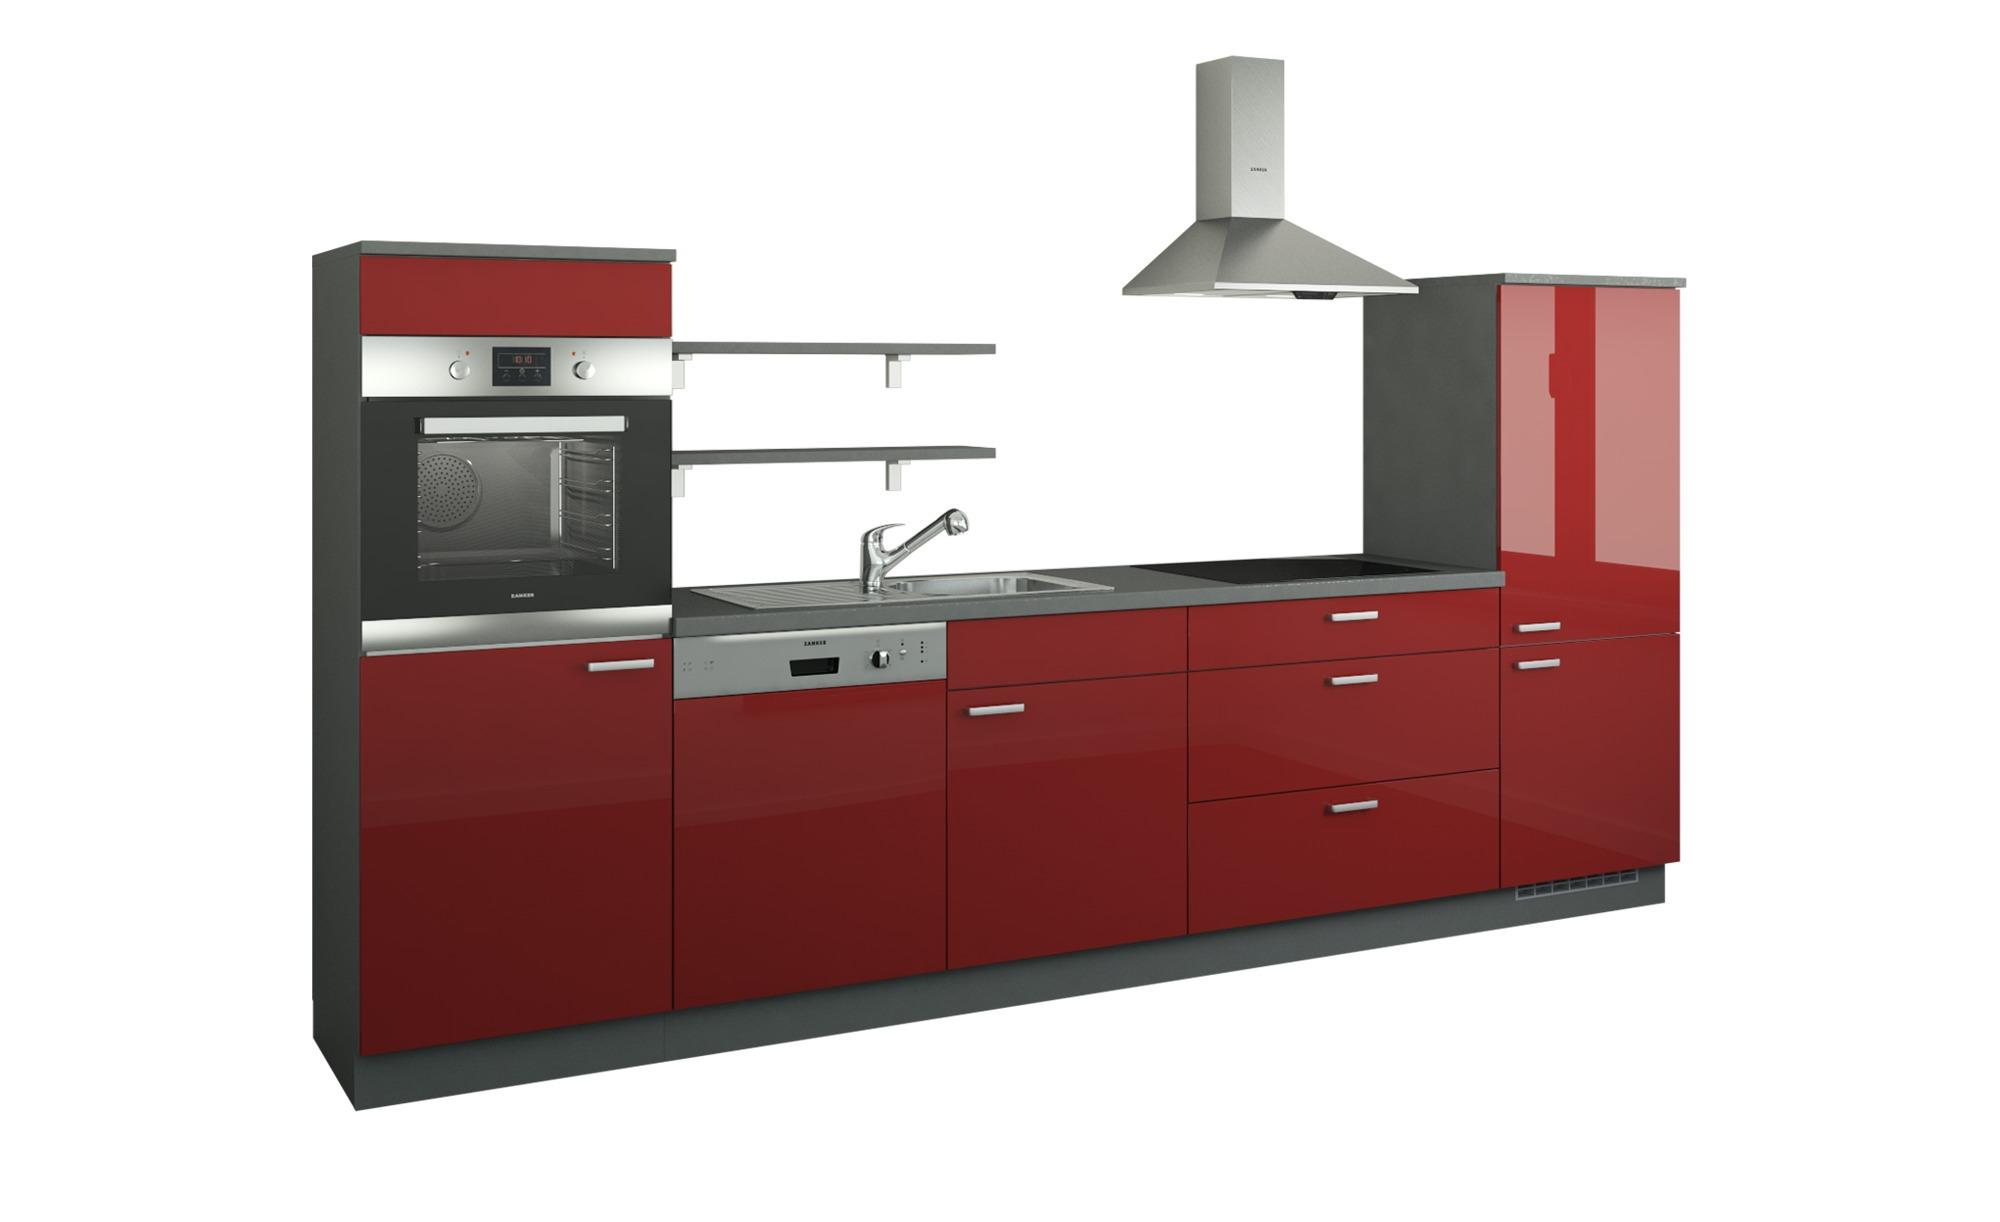 Küchenzeile ohne Elektrogeräte  Kassel ¦ rot ¦ Maße (cm): B: 330 Küchen > Küchenblöcke ohne E-Geräte - Höffner